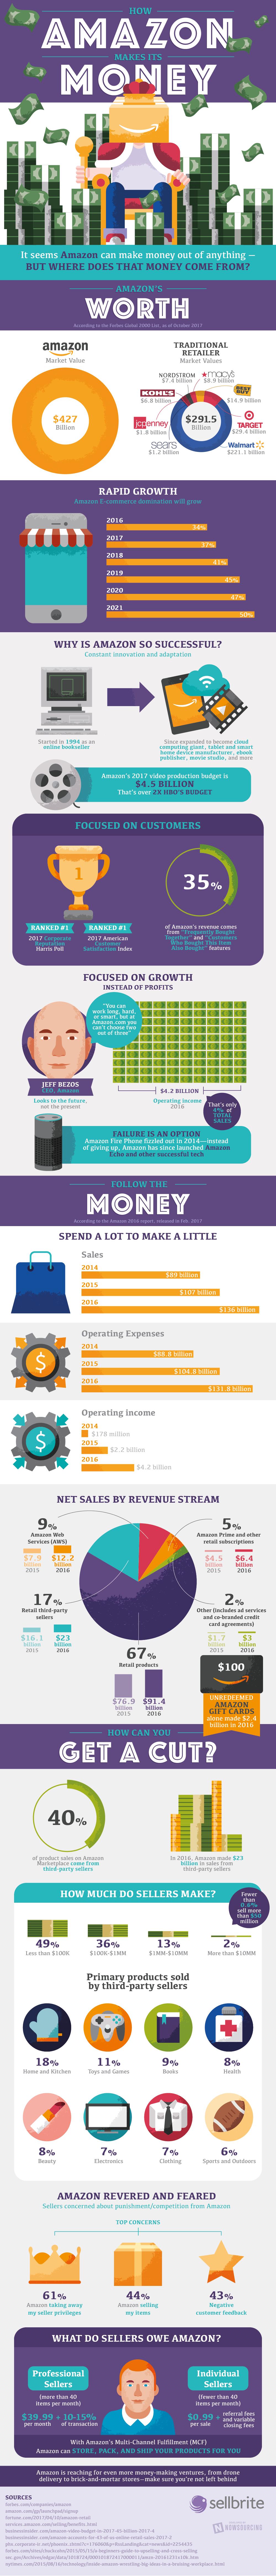 How Amazon Makes Its Money